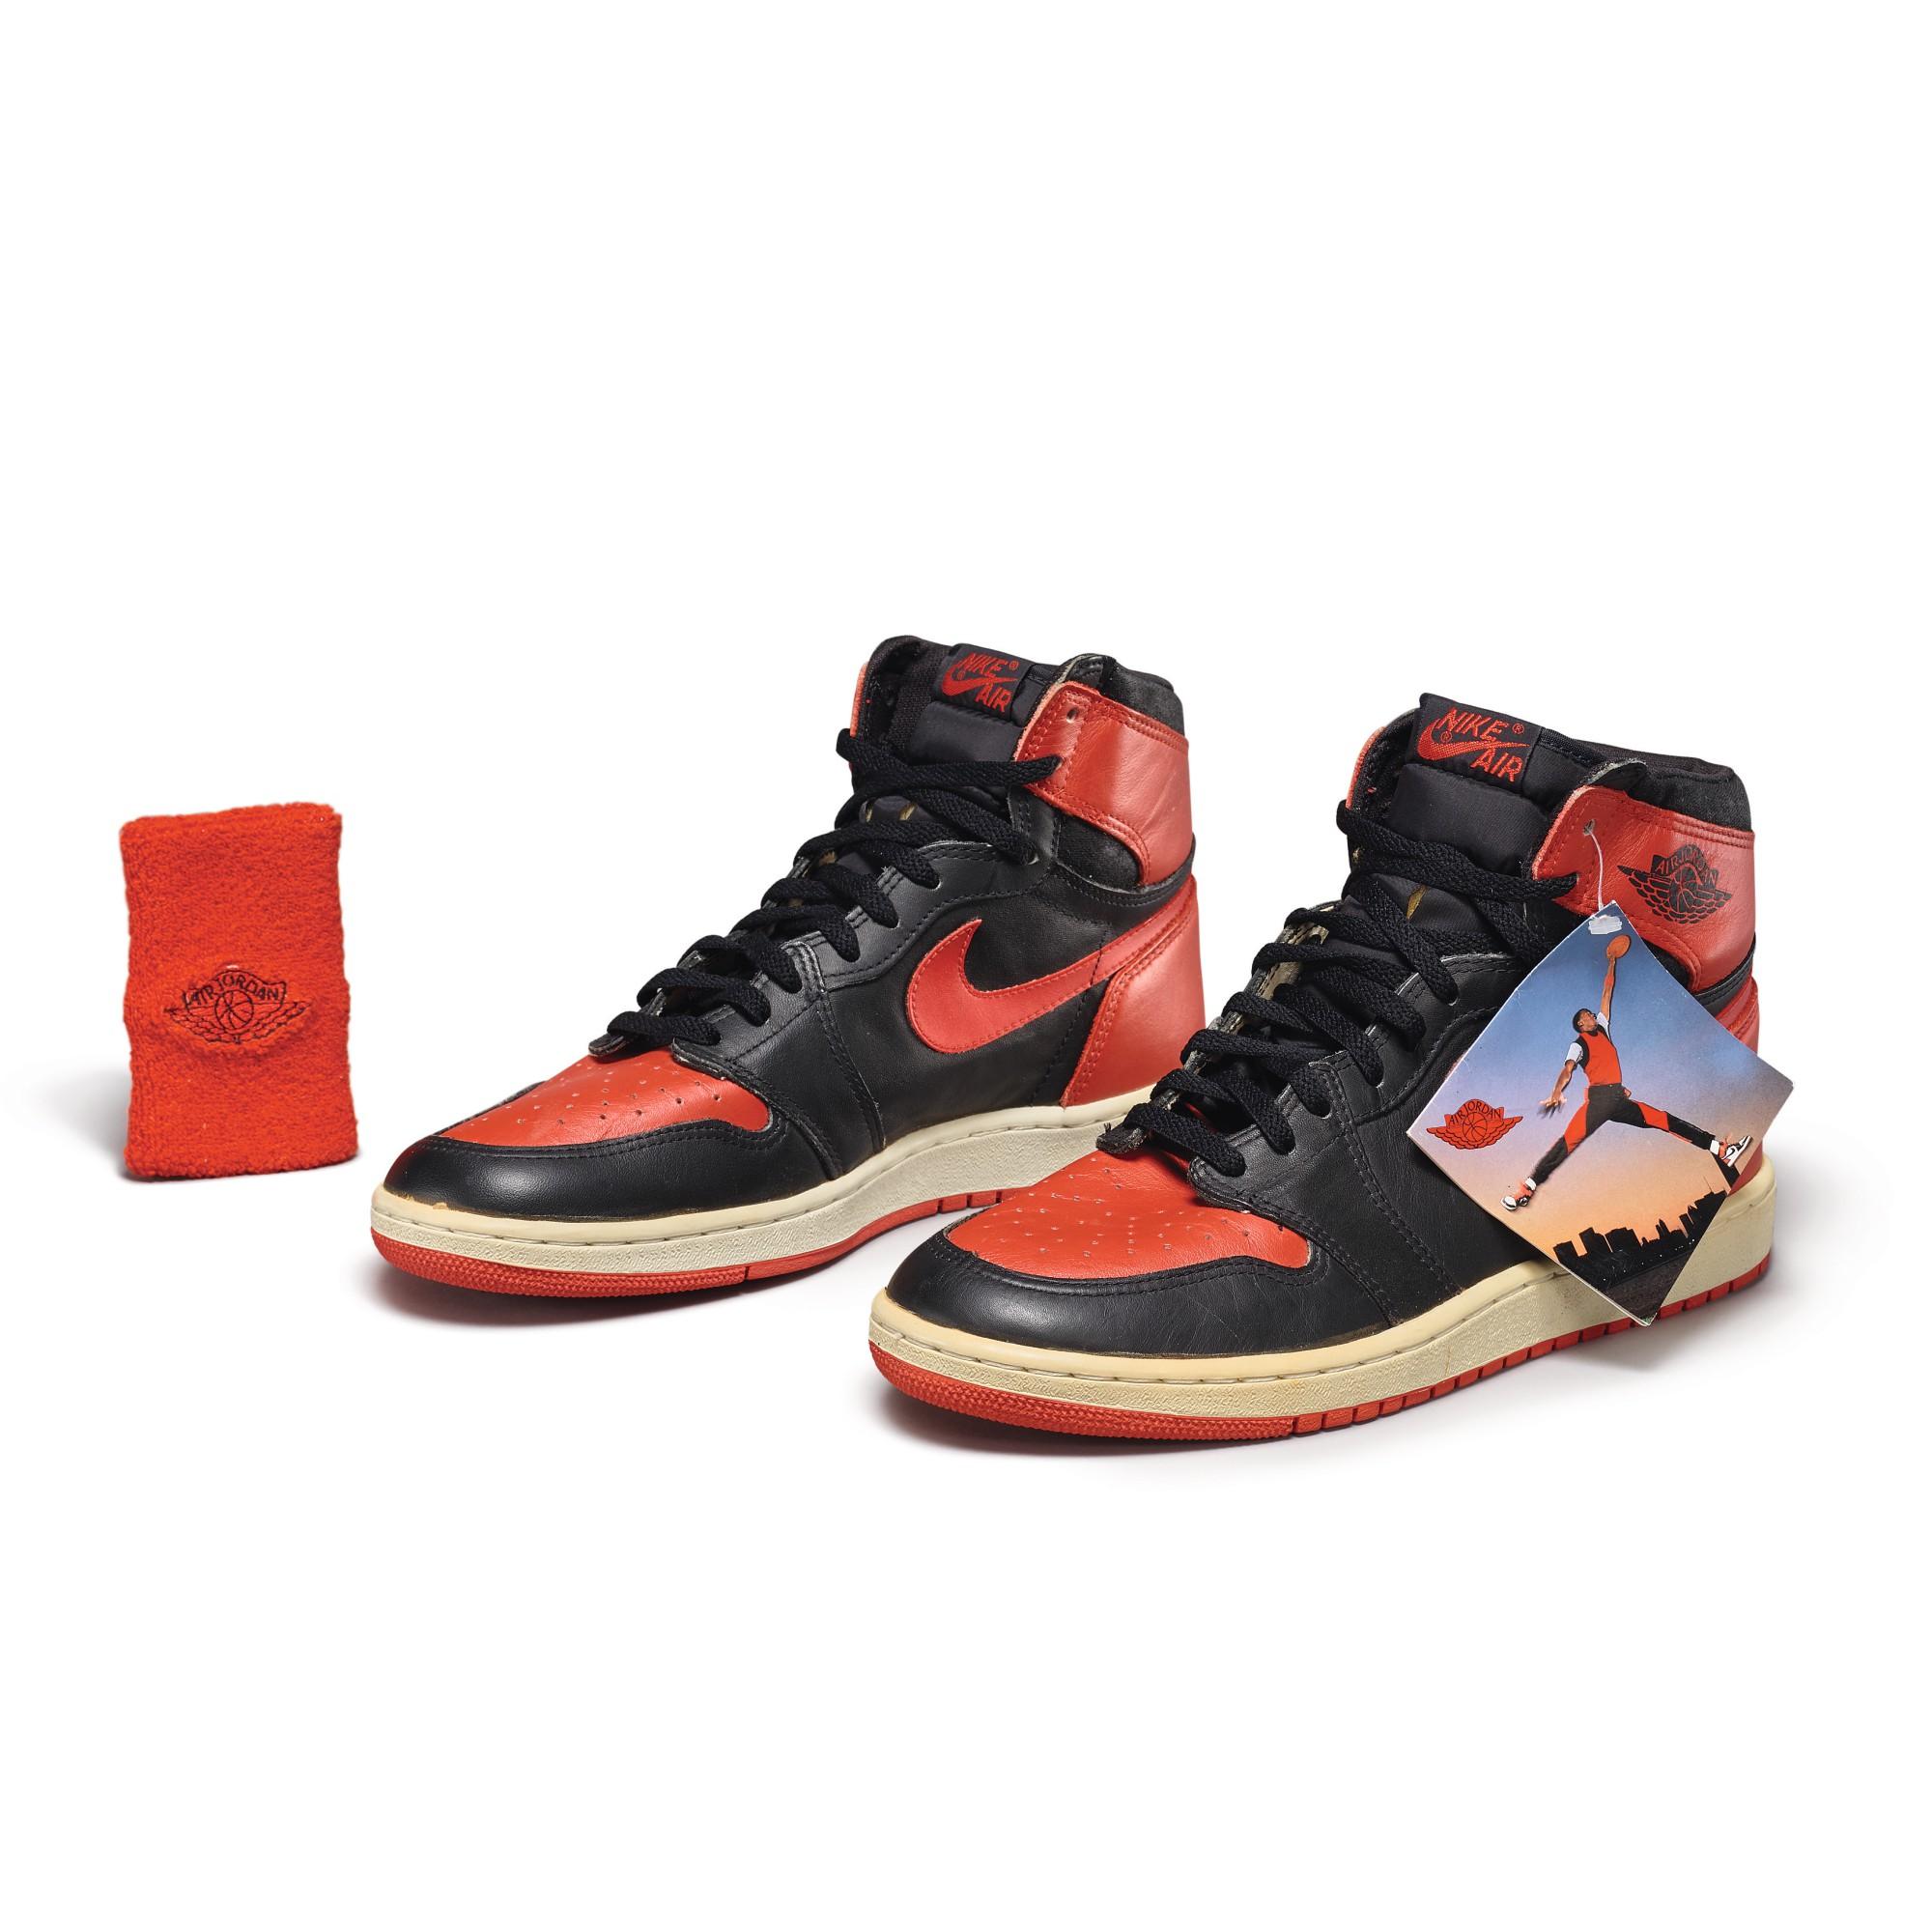 Peter Moore | 'Bred' Nike Air Jordan 1